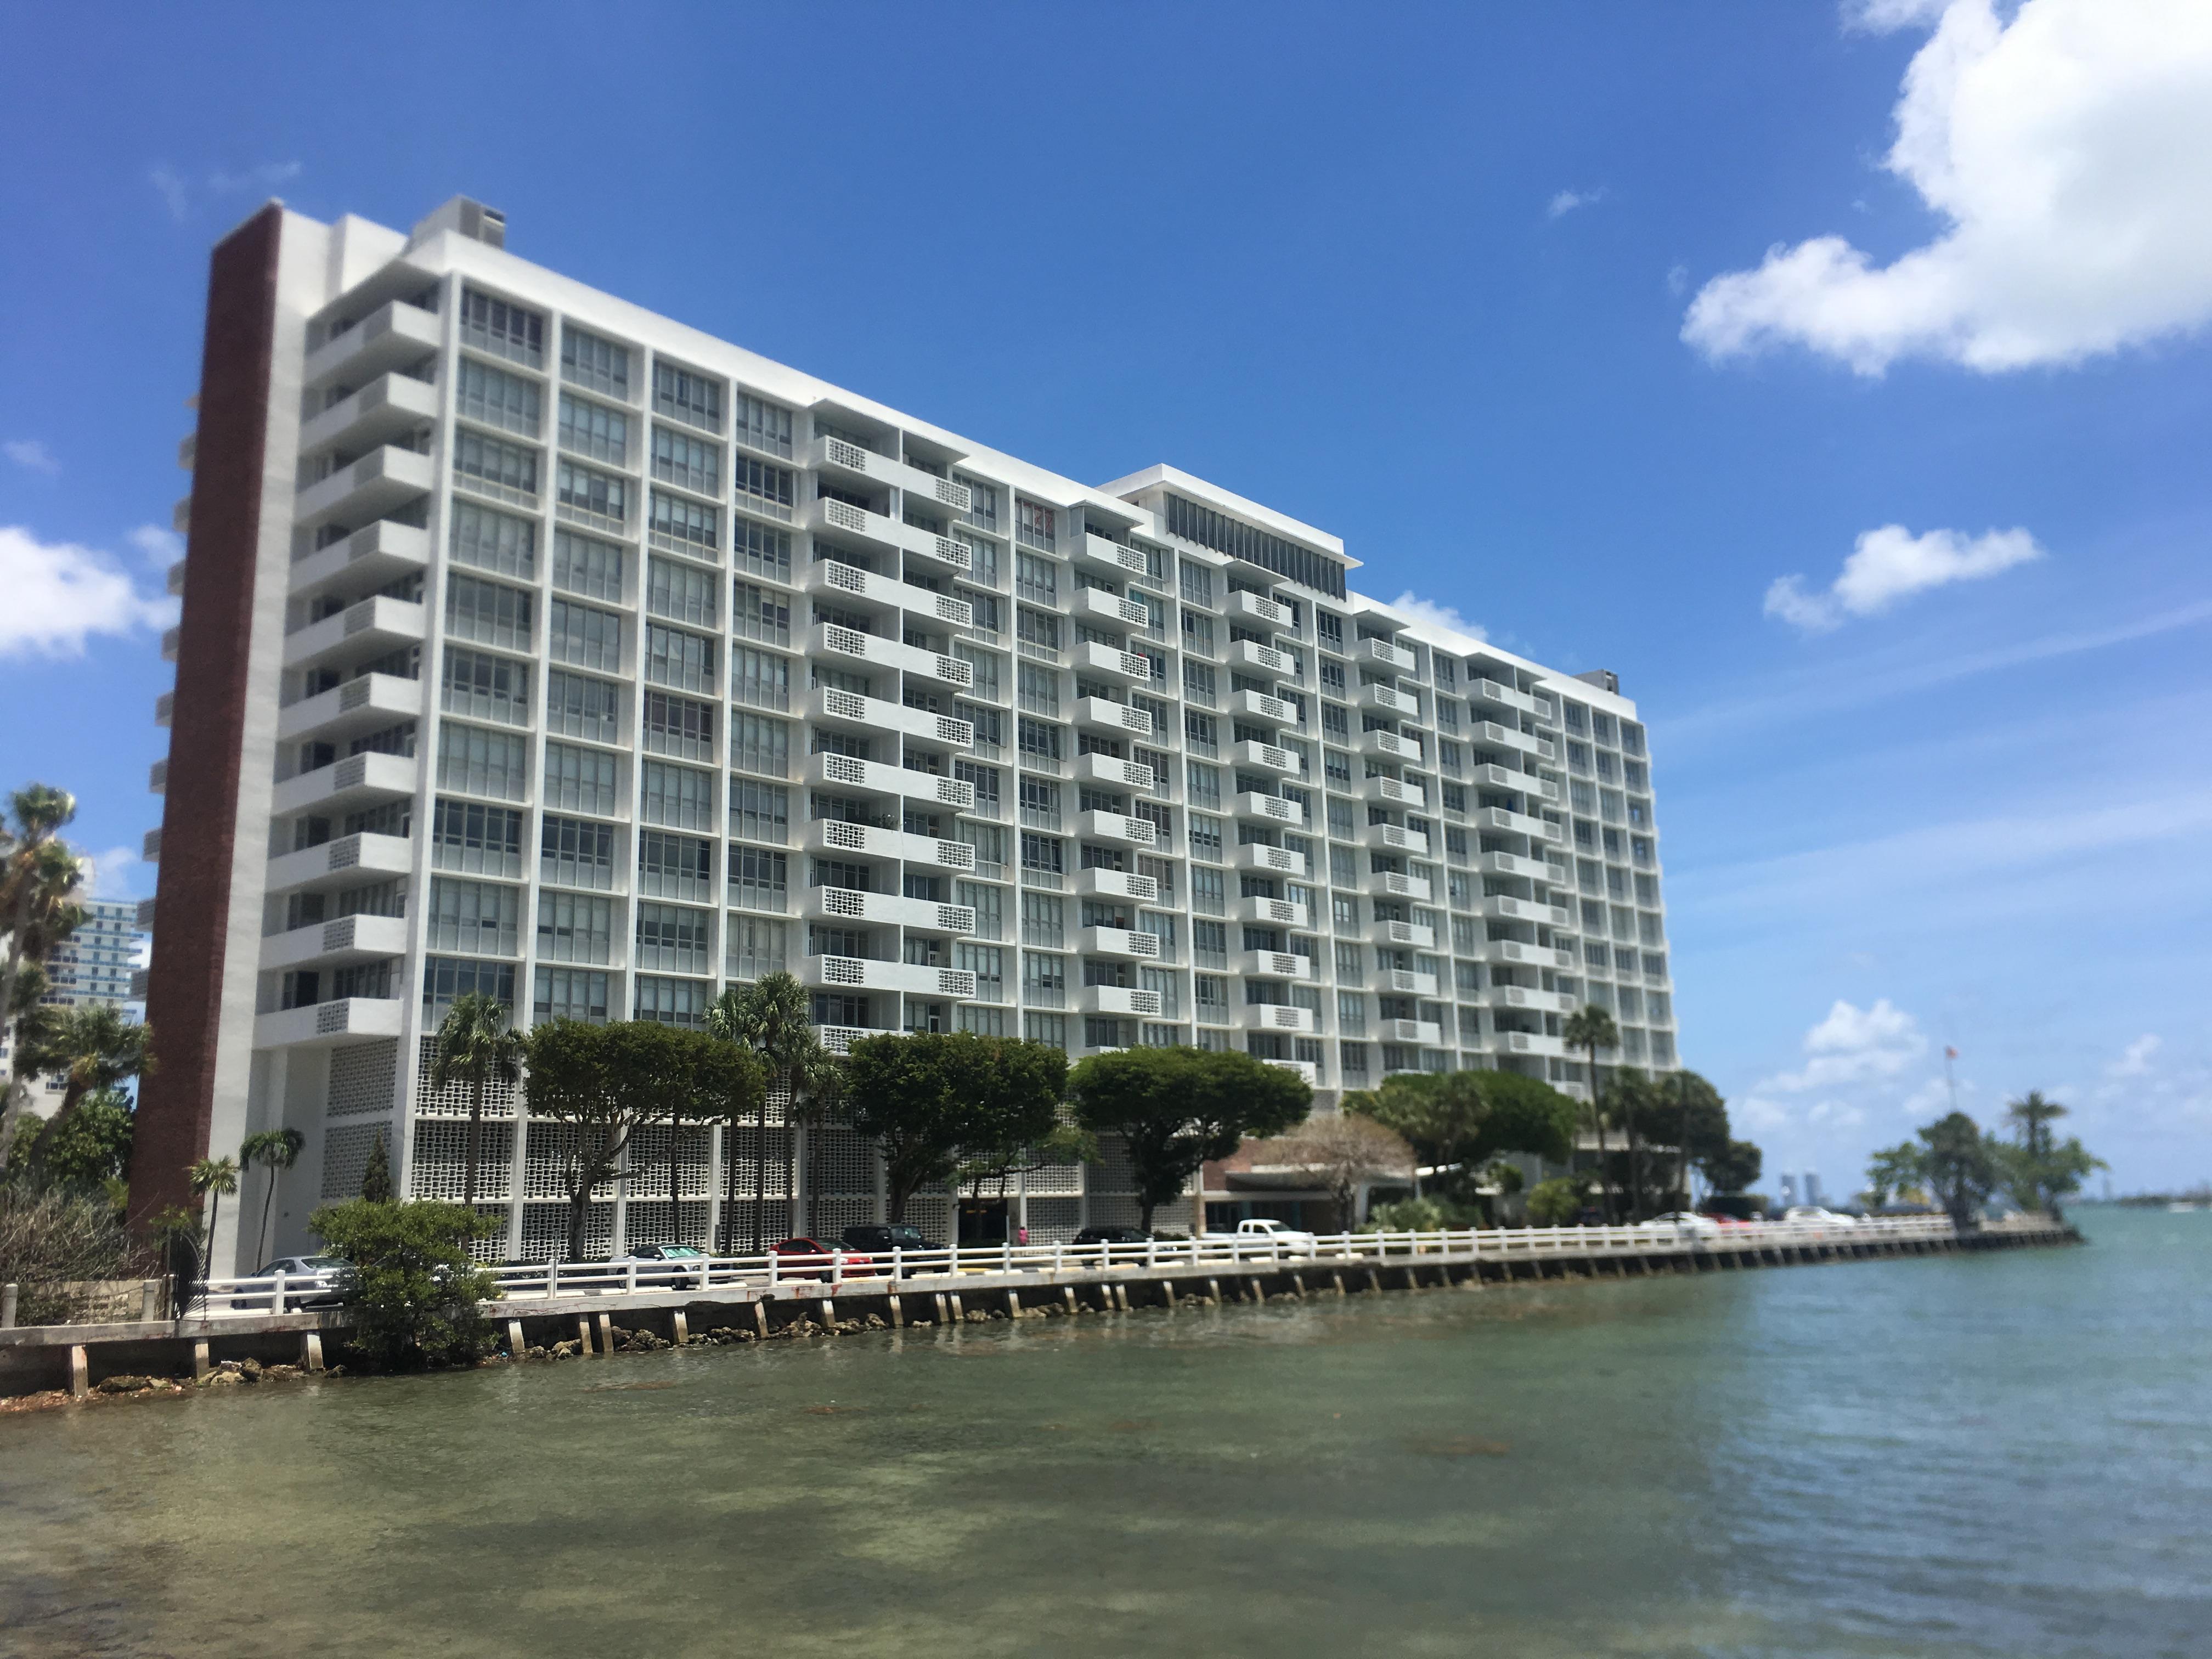 Biscayne 21 Condominium